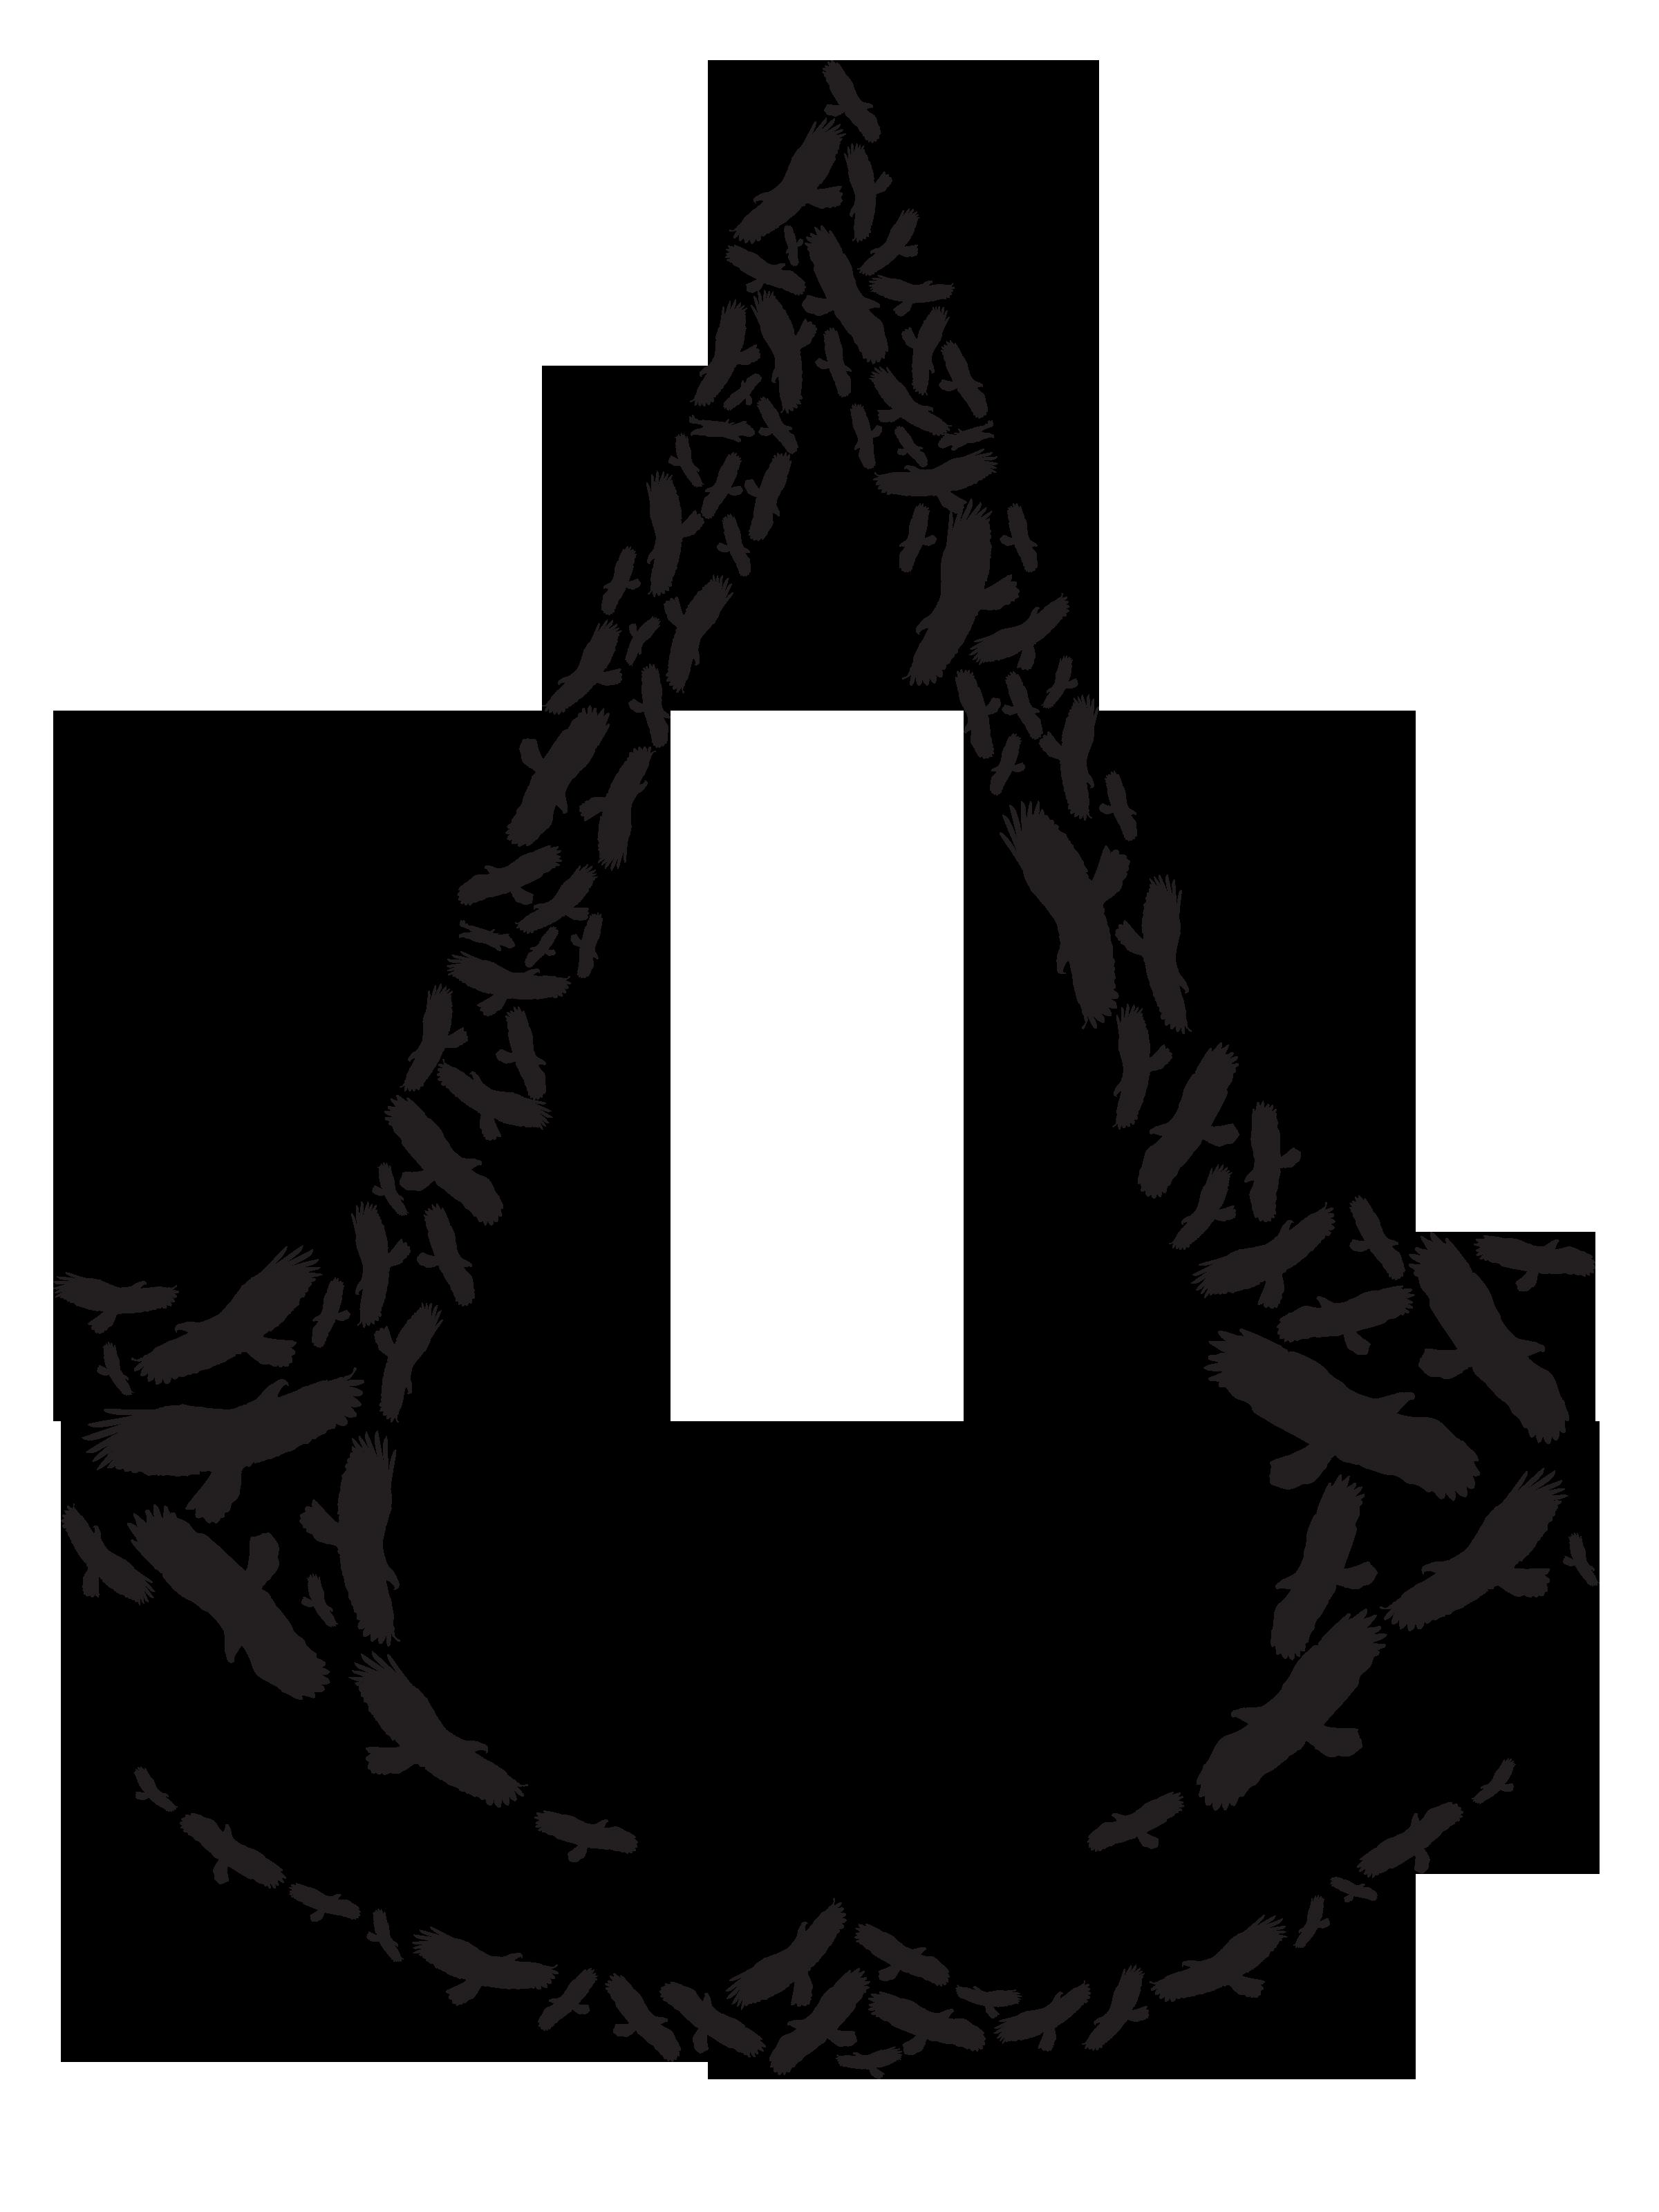 Assassins T-shirt design by Bootz101